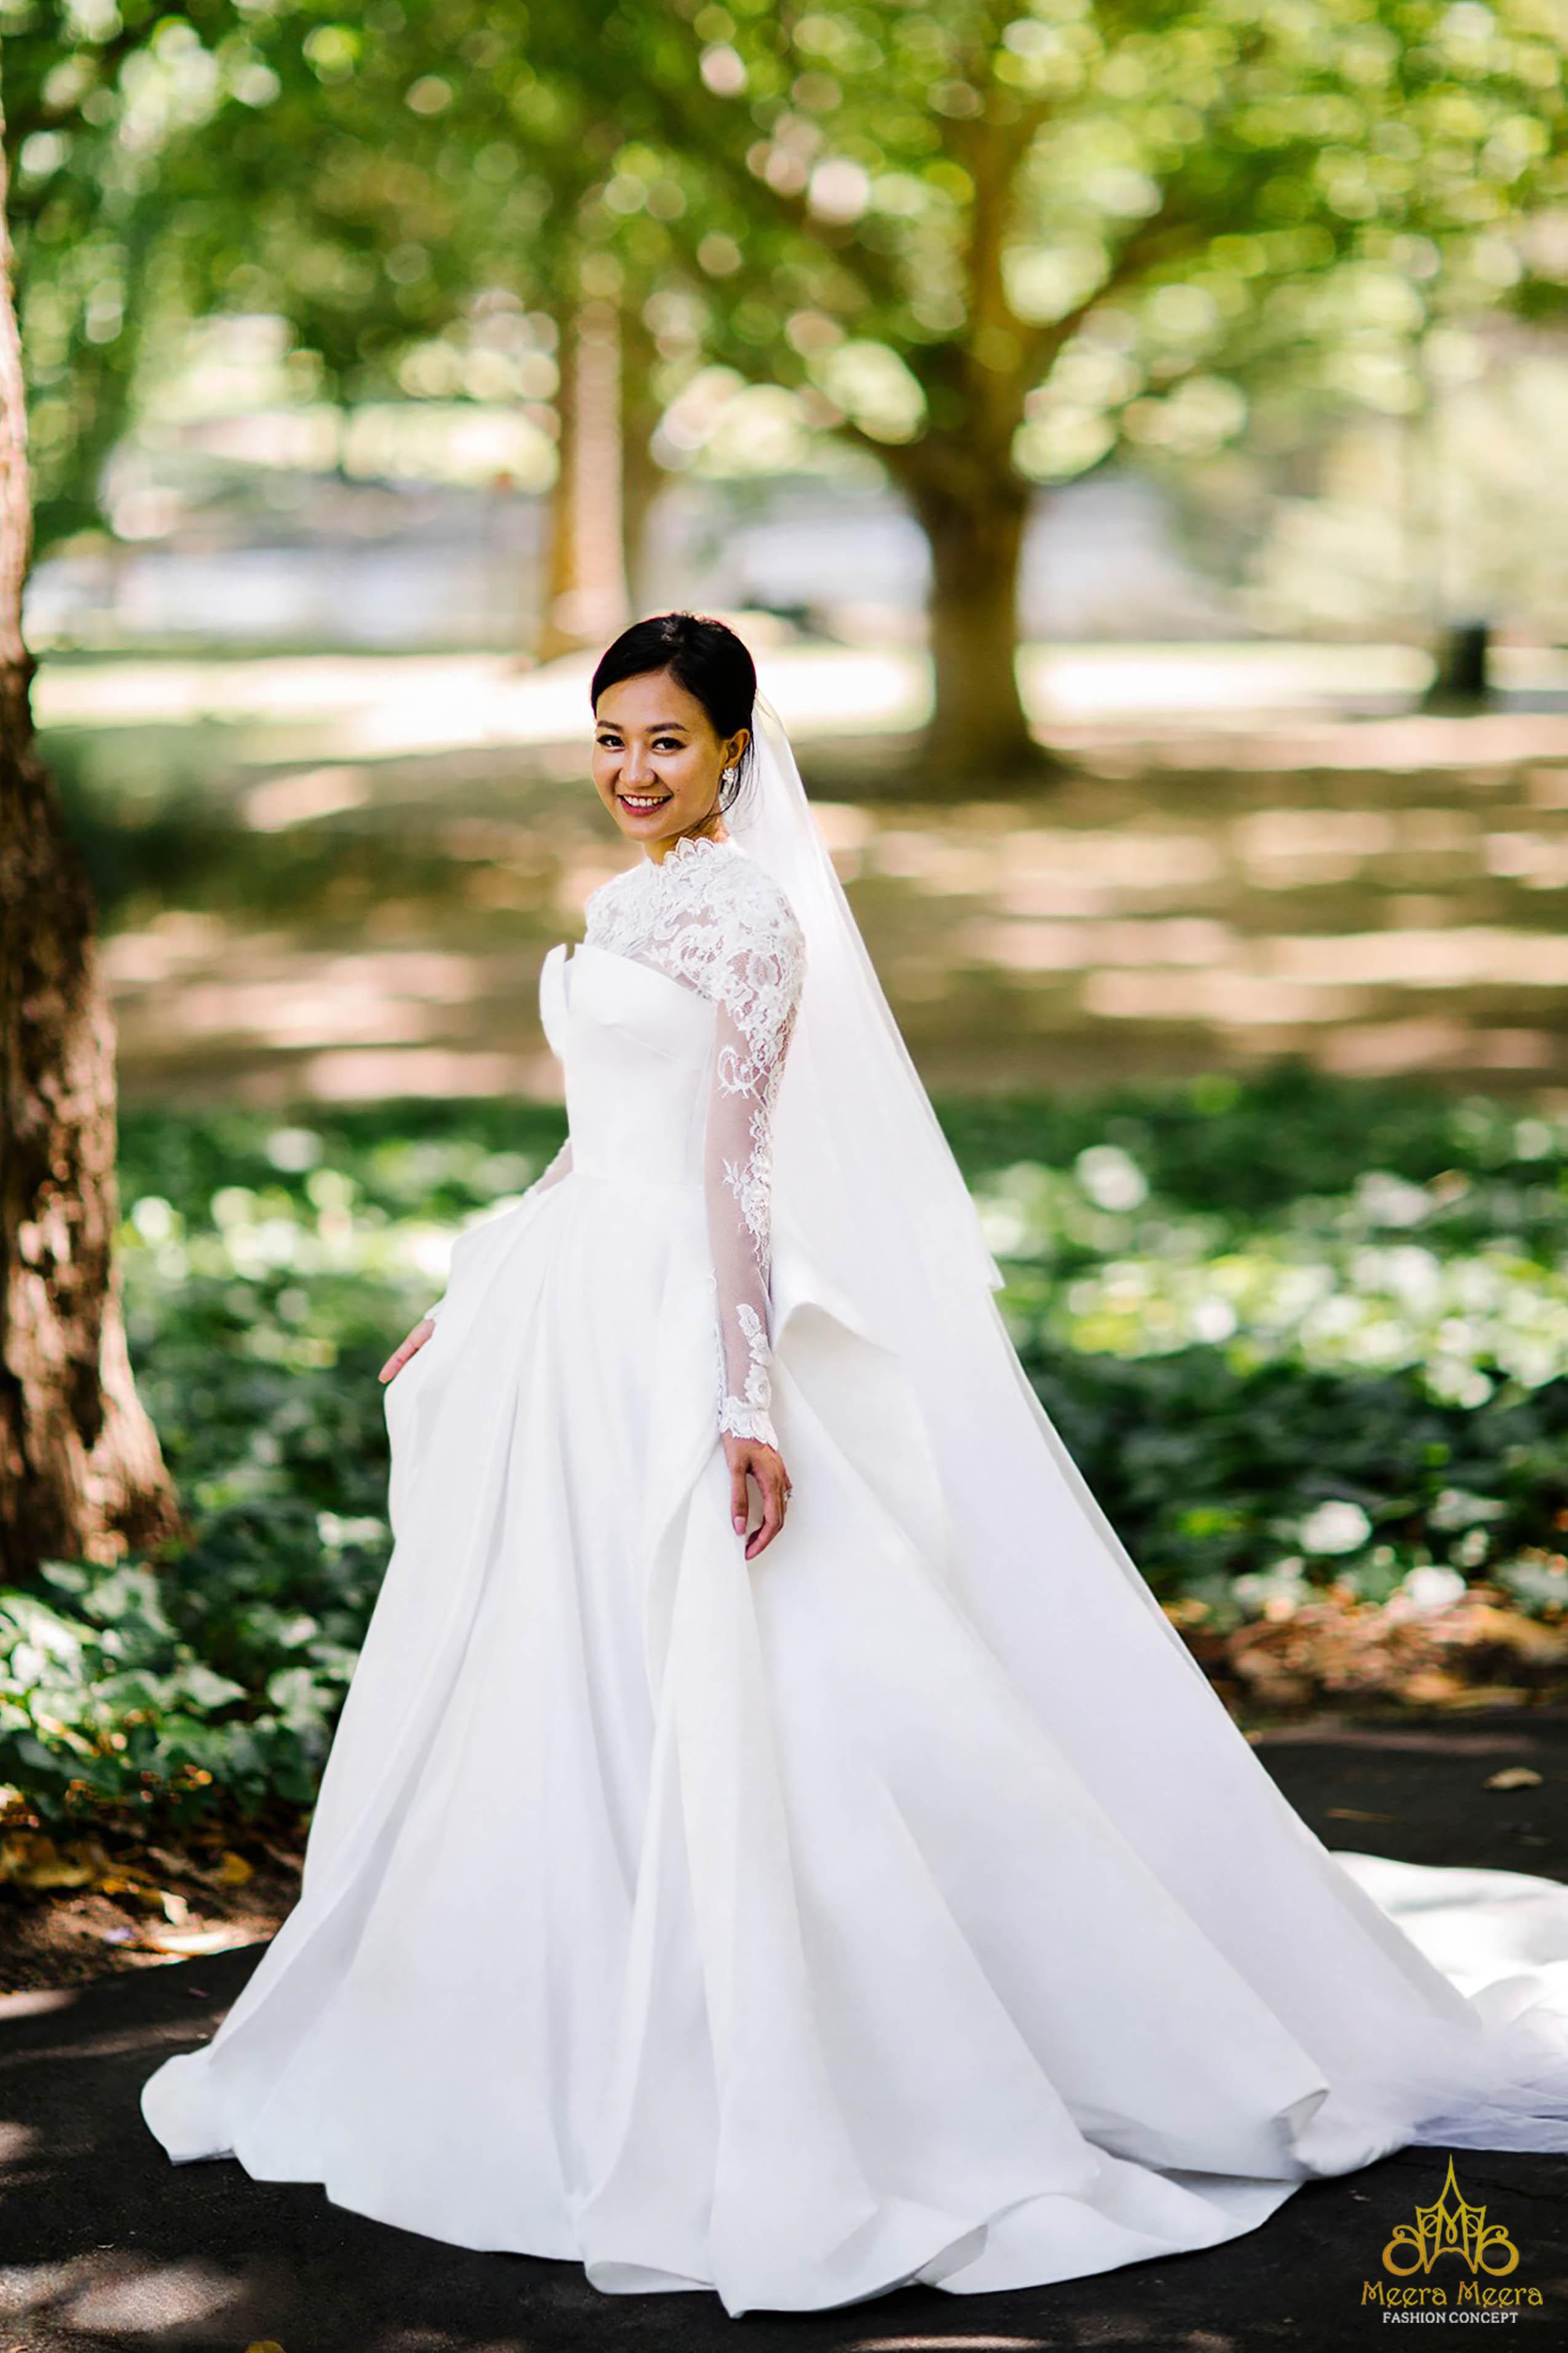 địa chỉ may áo cưới meera meera fashion concept